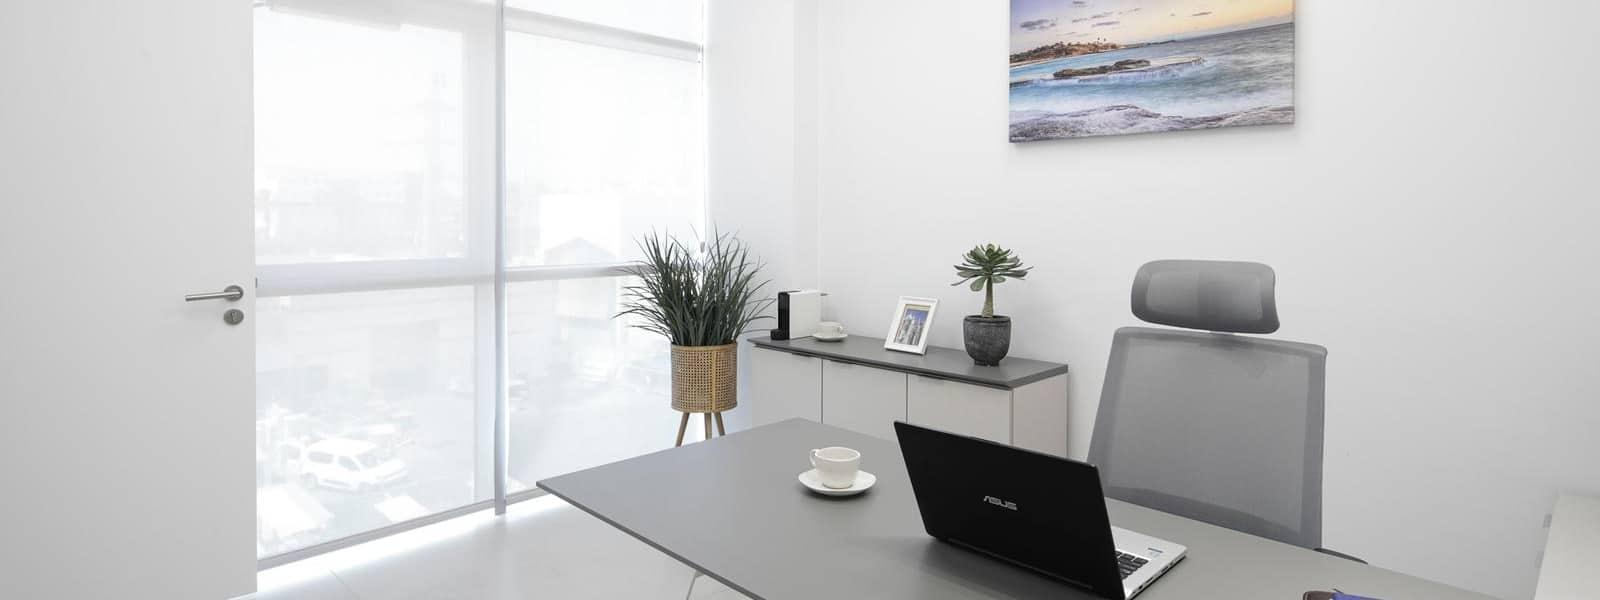 httpswww.spacenter.co .il טיטניום אופיס פלייס Titanium Office Place 6